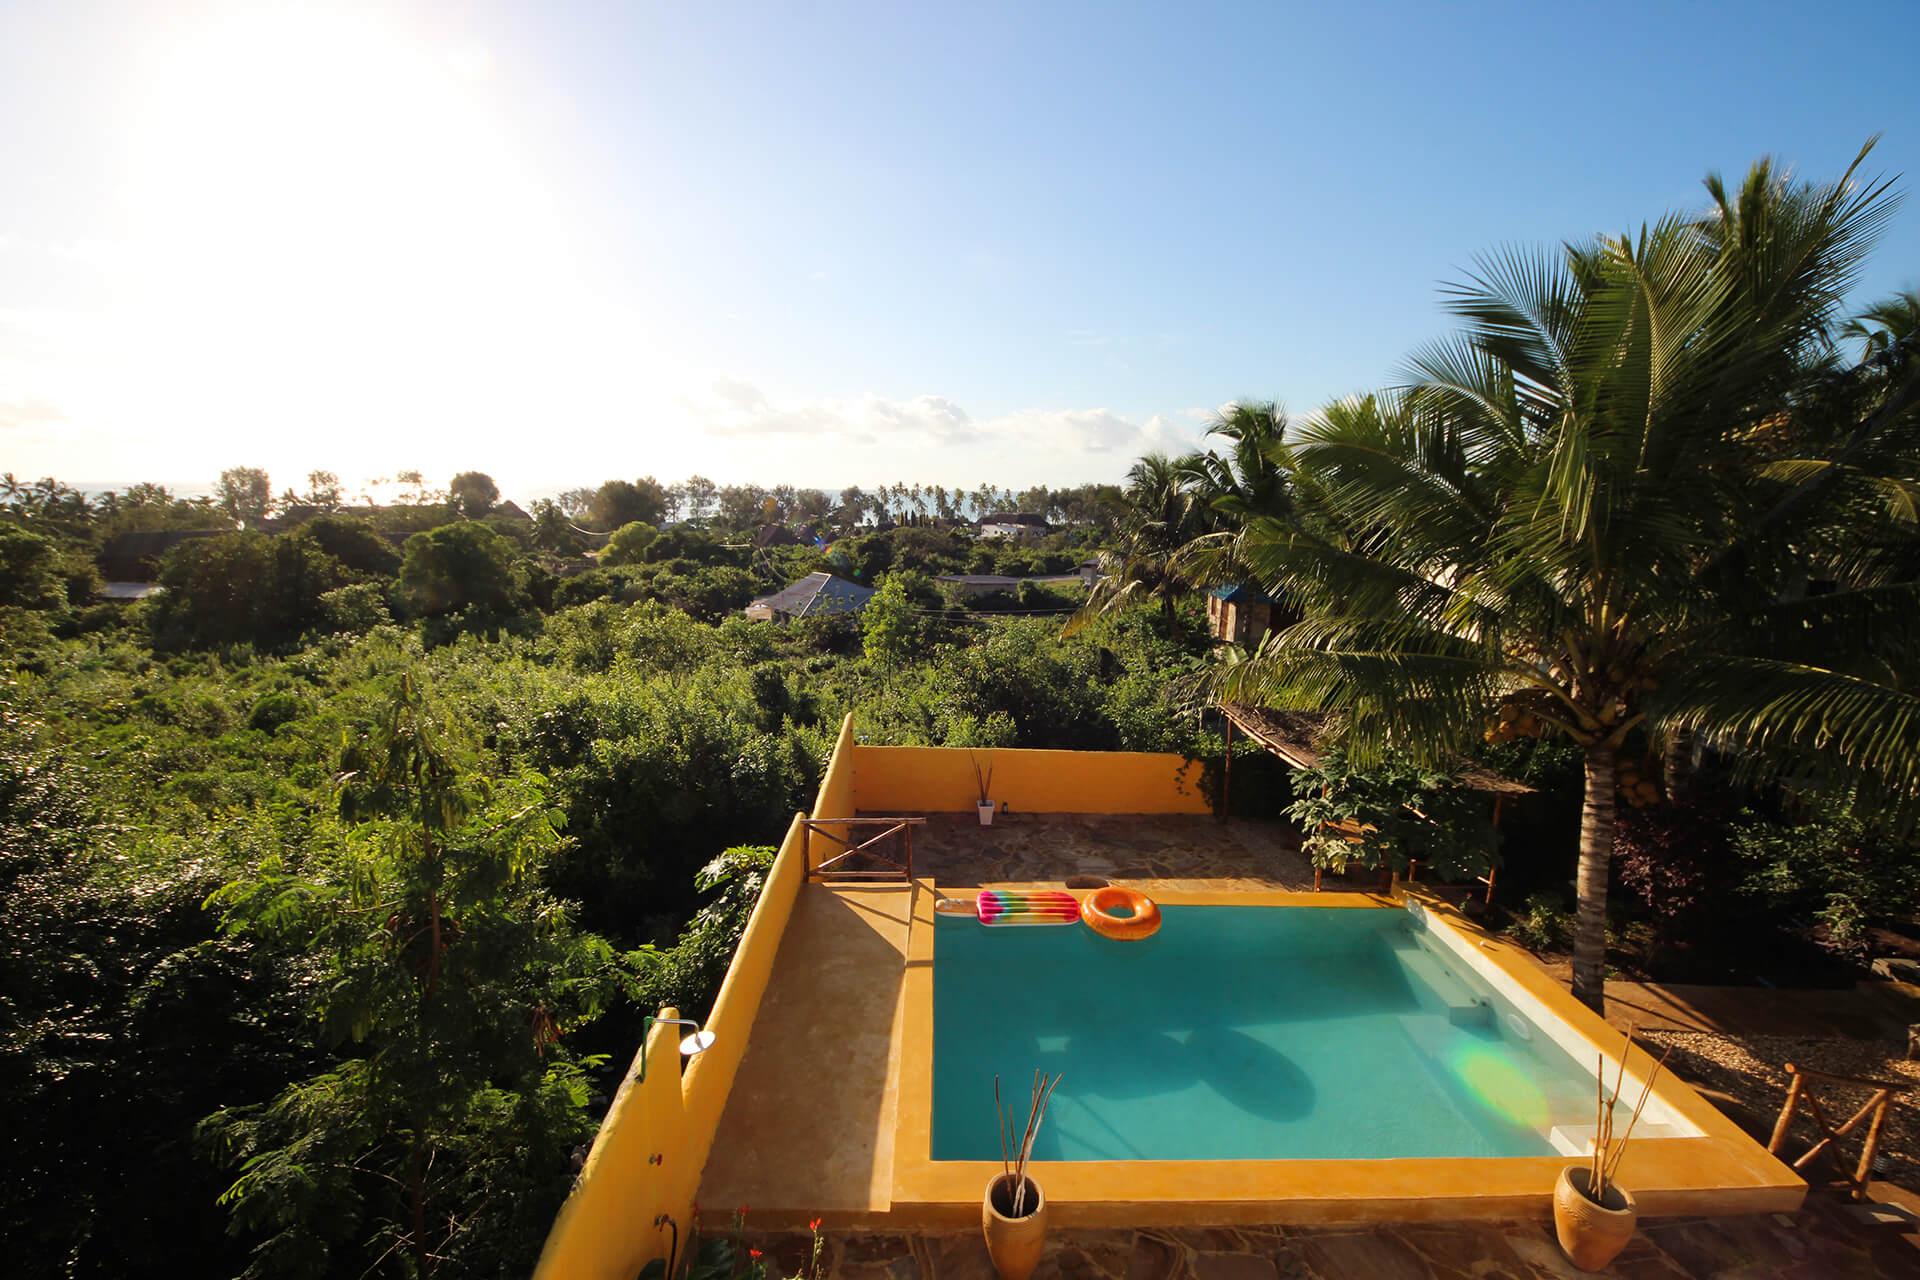 Appartamenti piscina Maisha Marefu a Kiwengwa Zanzibar